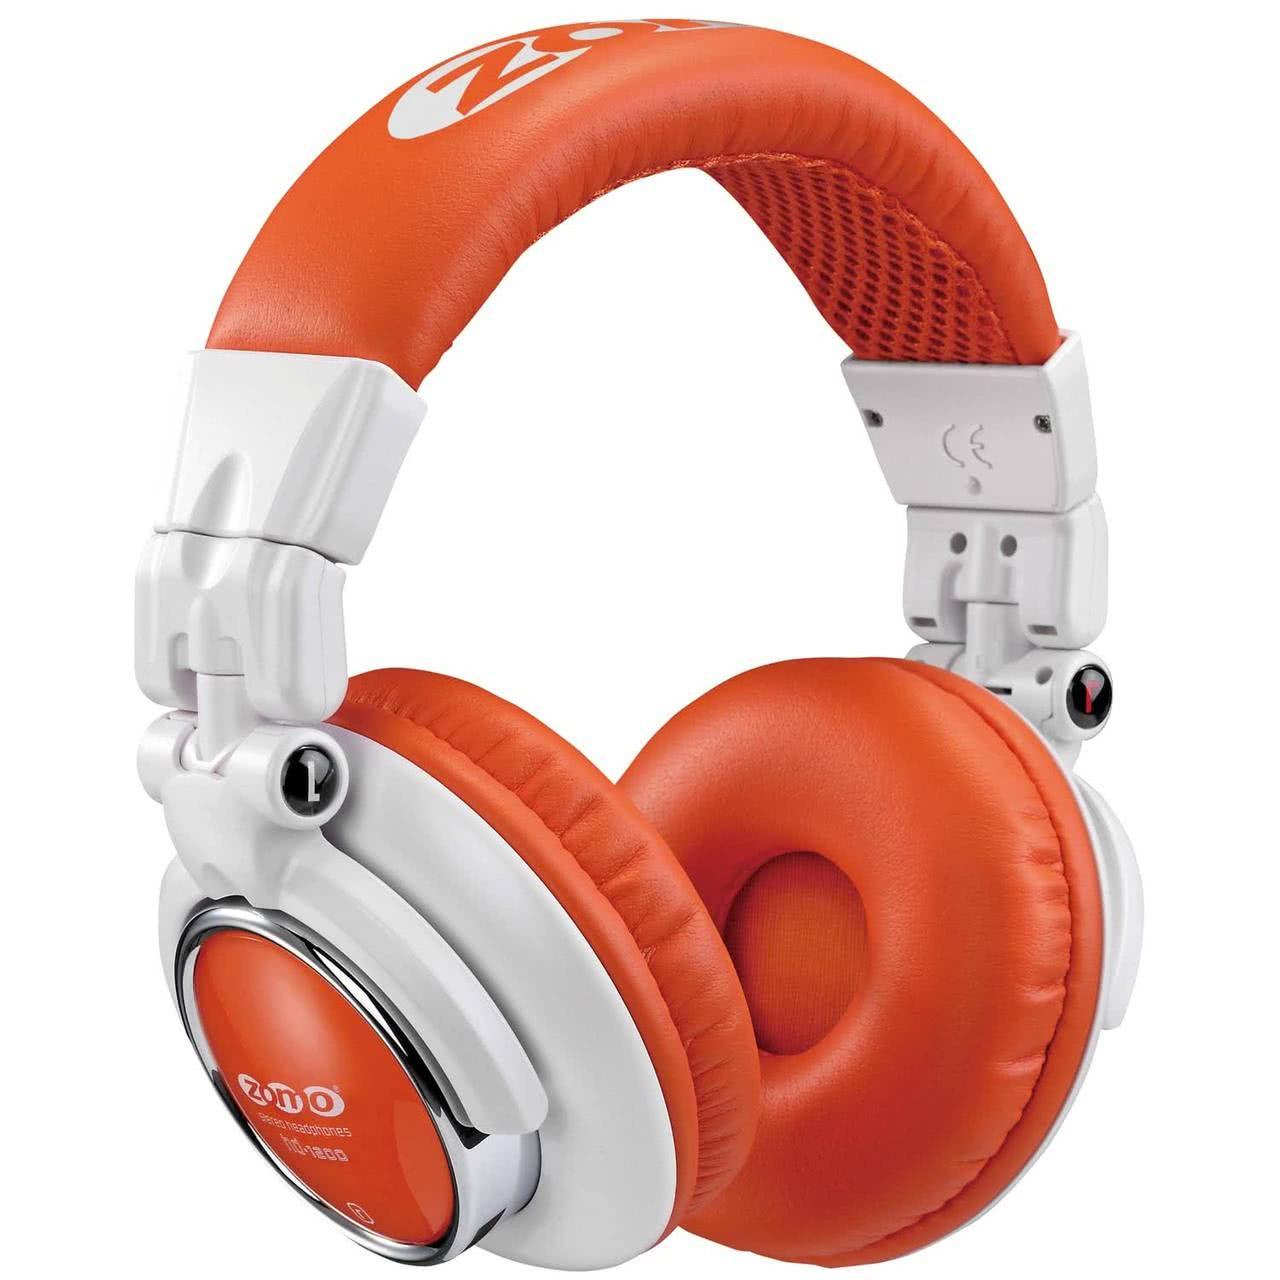 Zomo HD-1200 weiß/orange